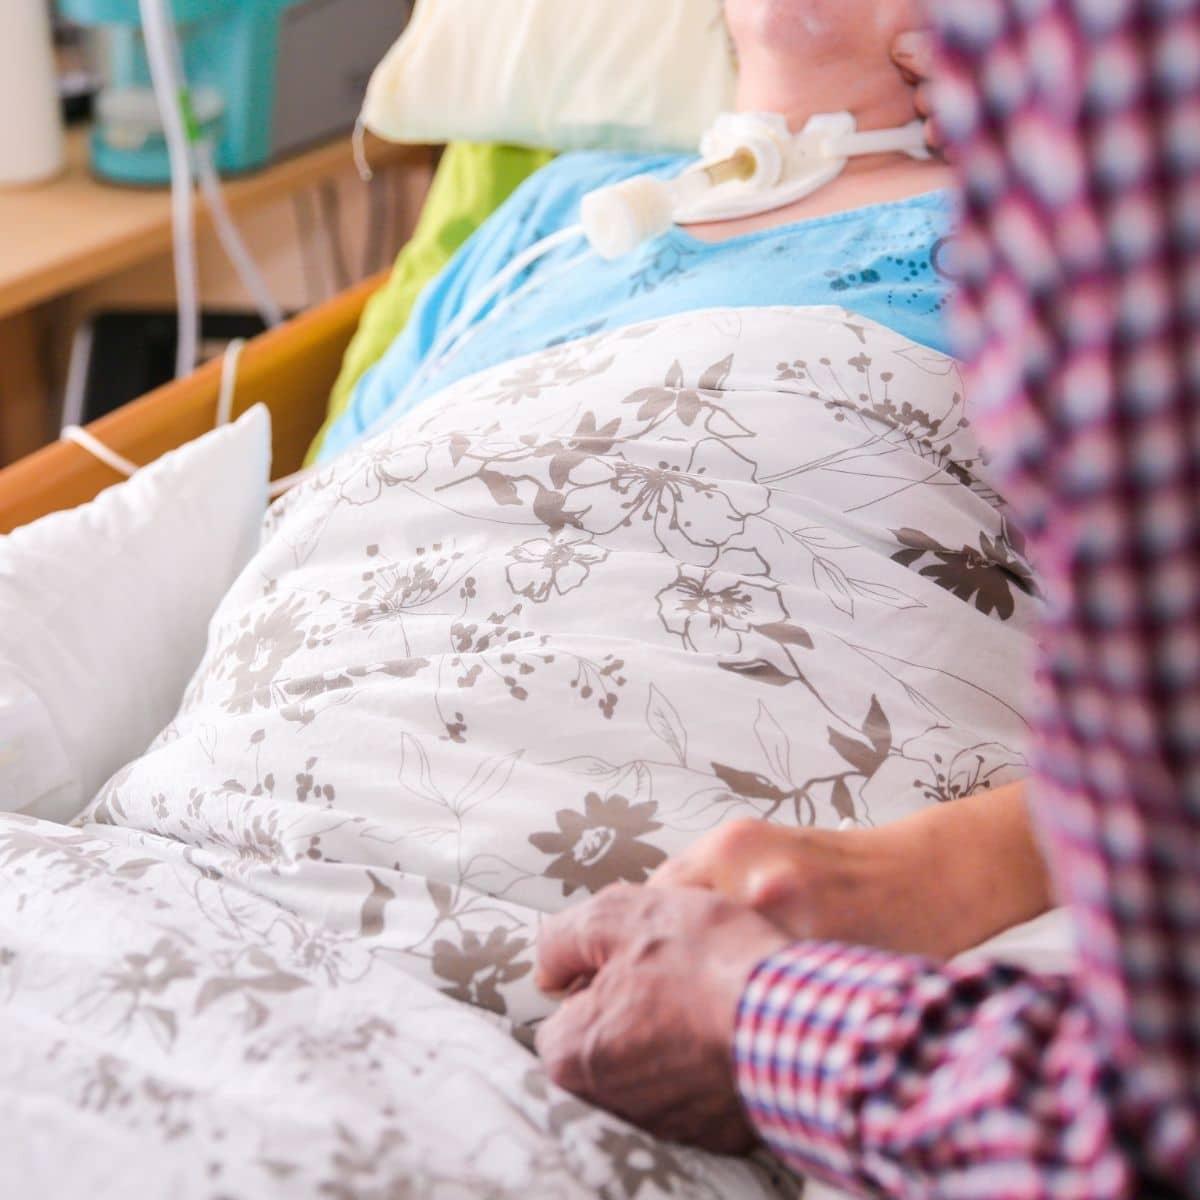 Das Geheimnis der Intensivpflege: Endlich wieder mehr Zufriedenheit am Arbeitsplatz